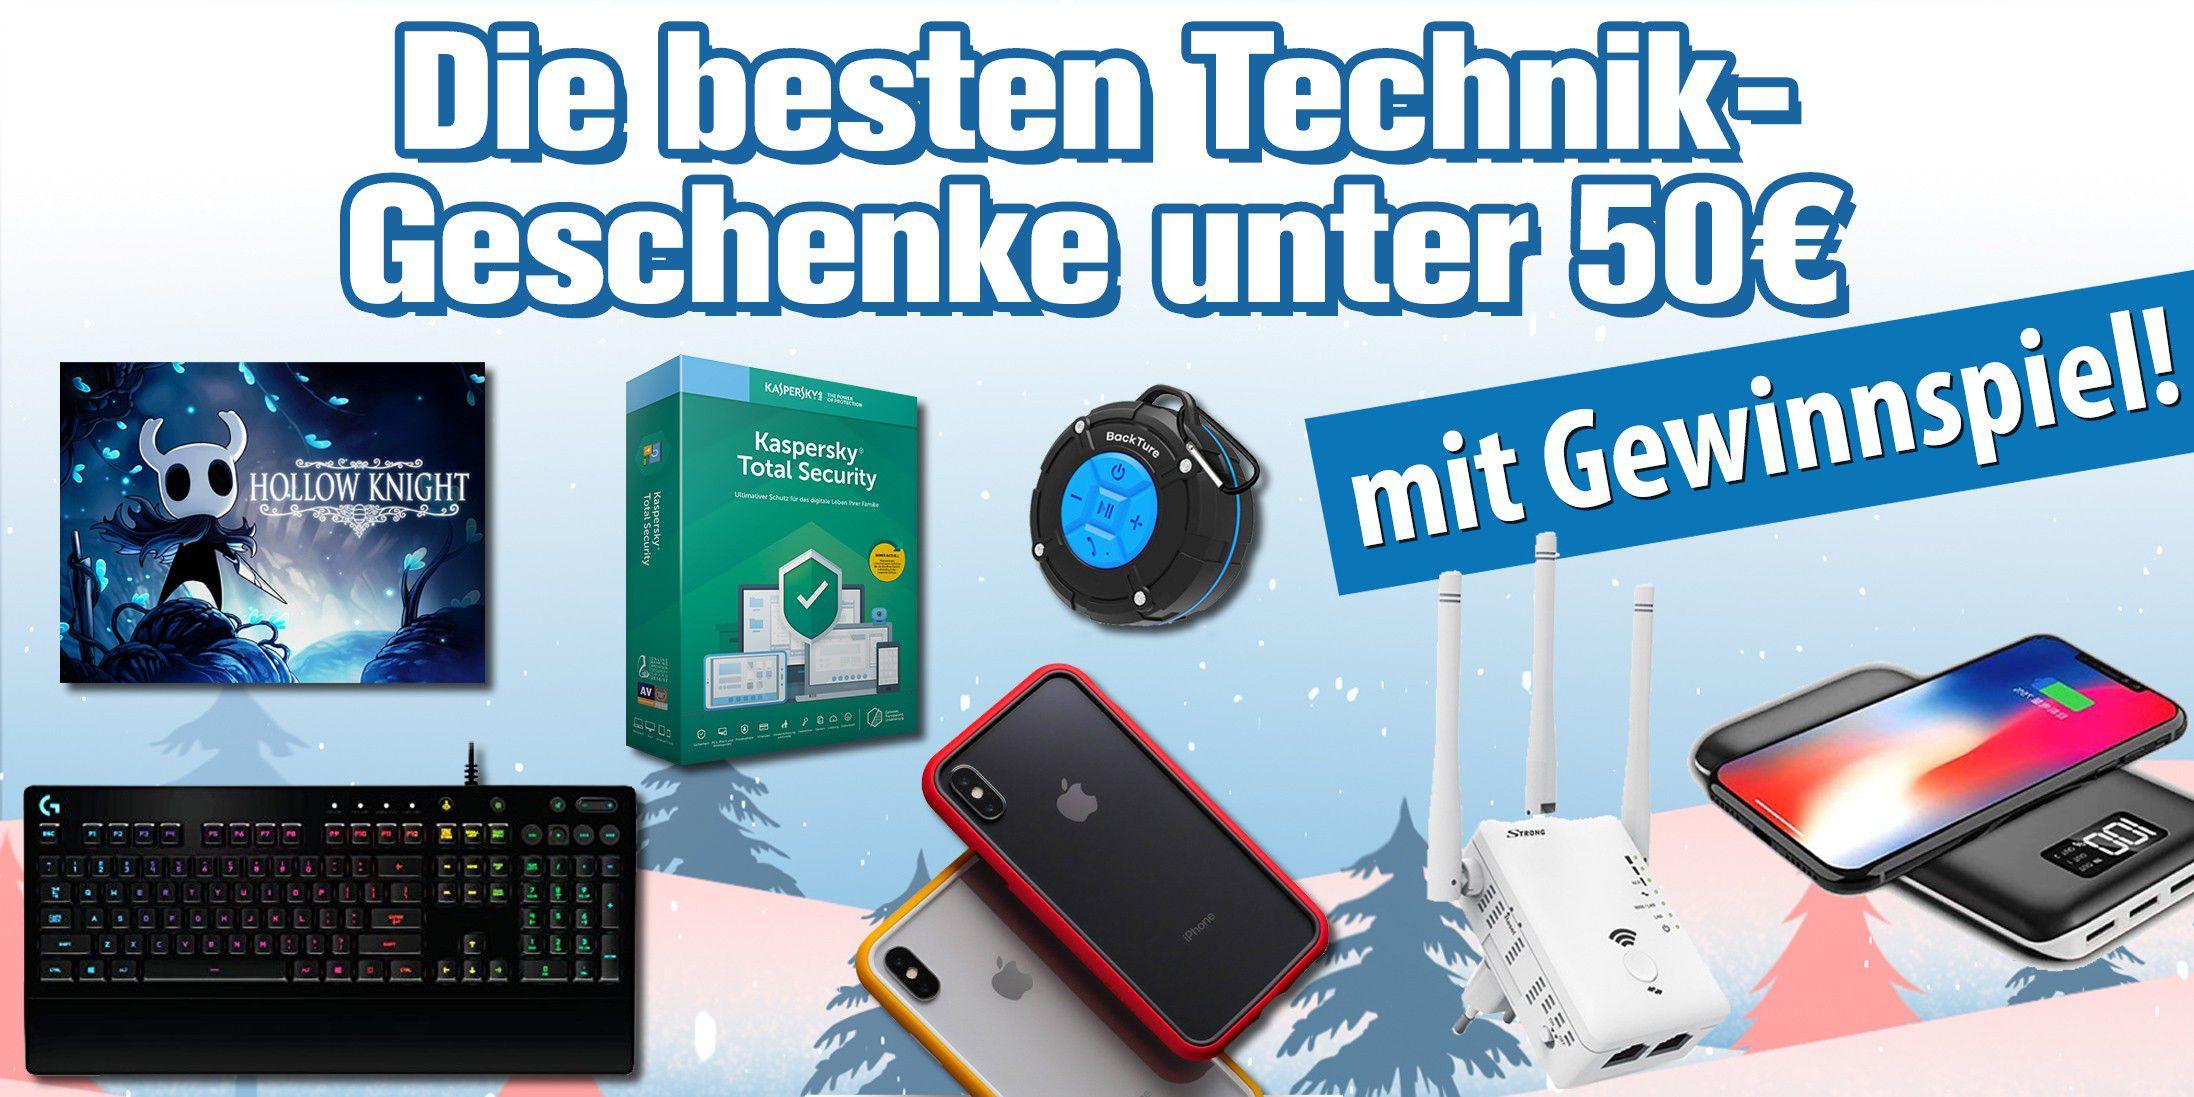 Anzeige: Die besten Technik-Geschenke unter 50 Euro - PC-WELT